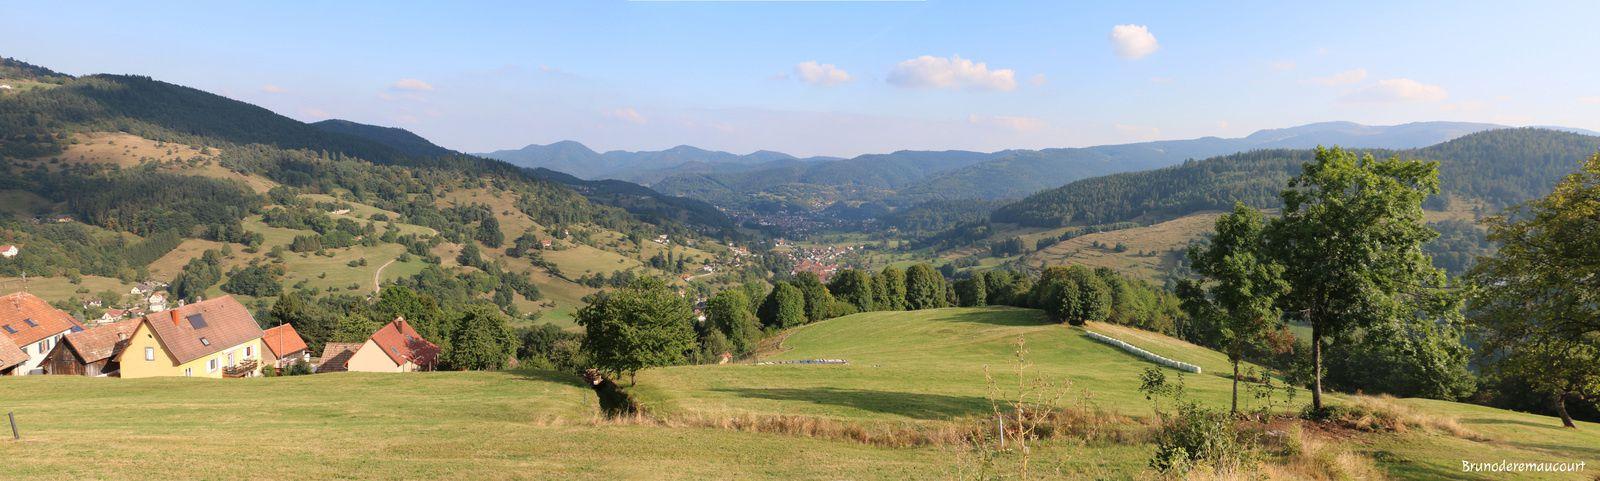 Panoramique de l'entrée de la vallée. (clic sur la photo pour l'agrandir)